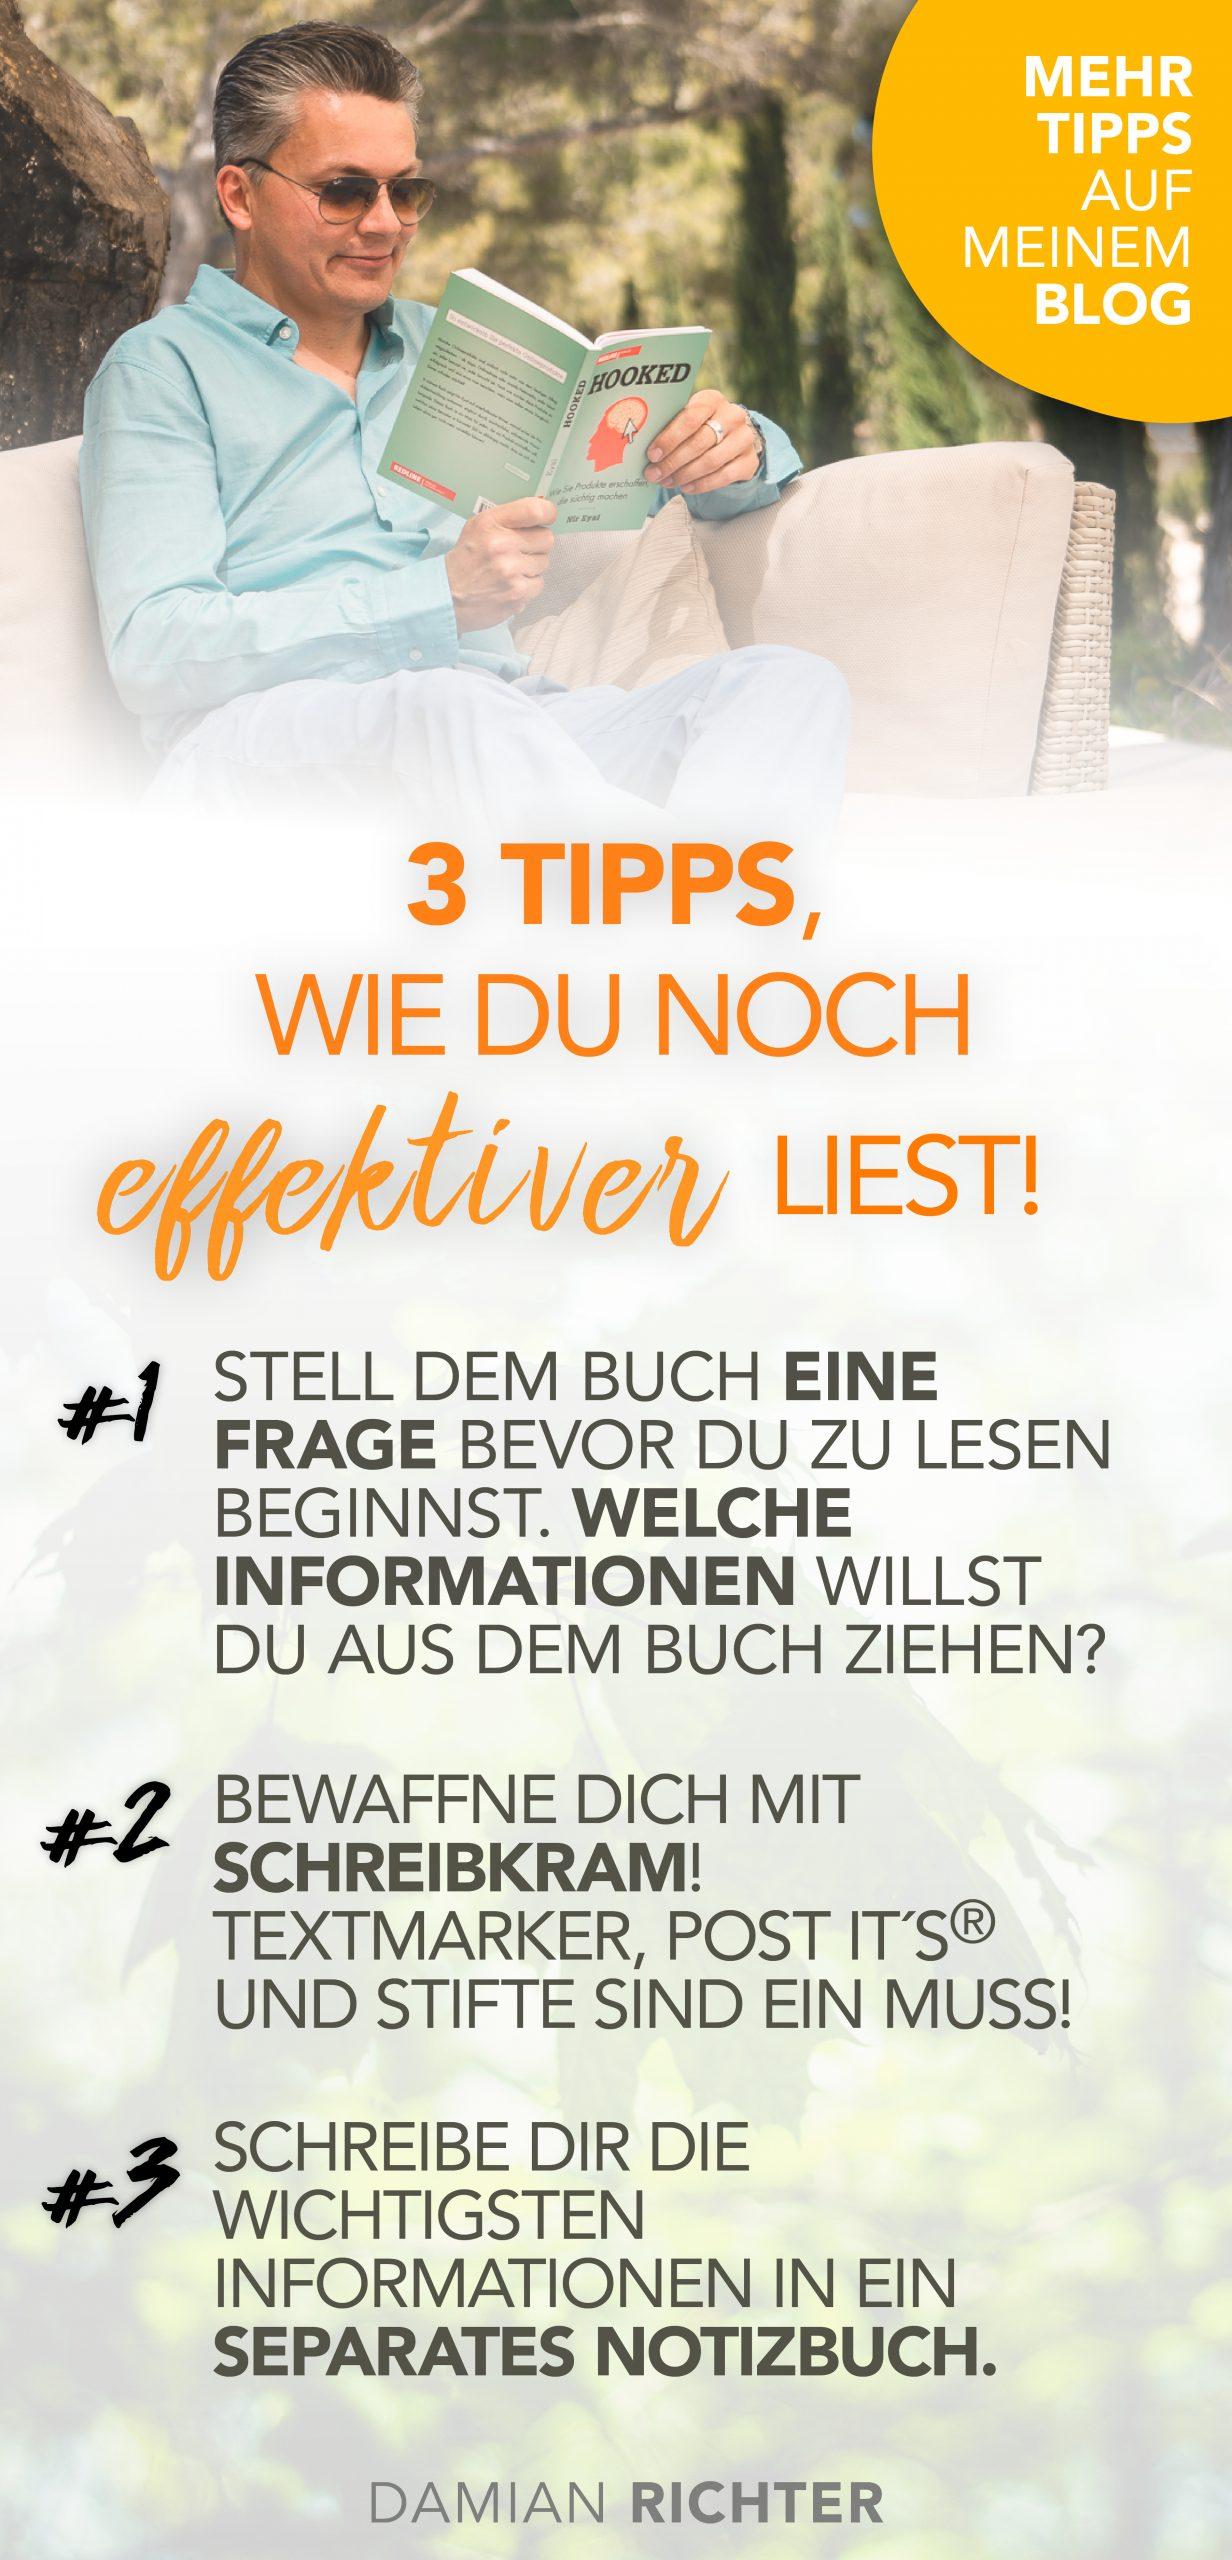 3 Tipps zum effizienter lesen